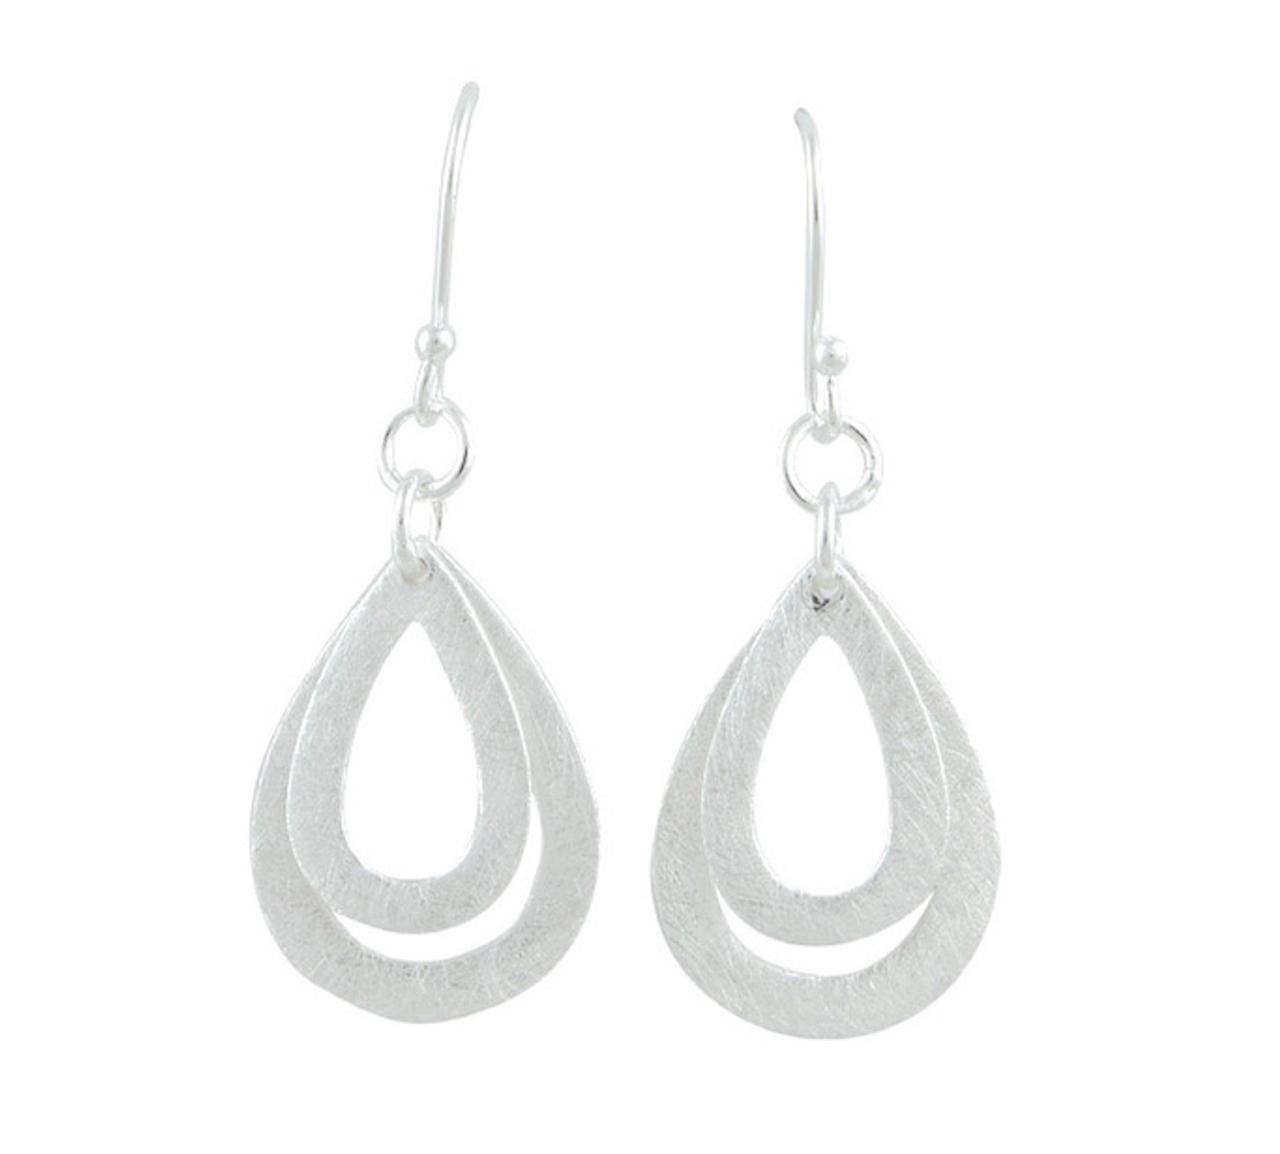 Silver pear shaped double Drop Earrings